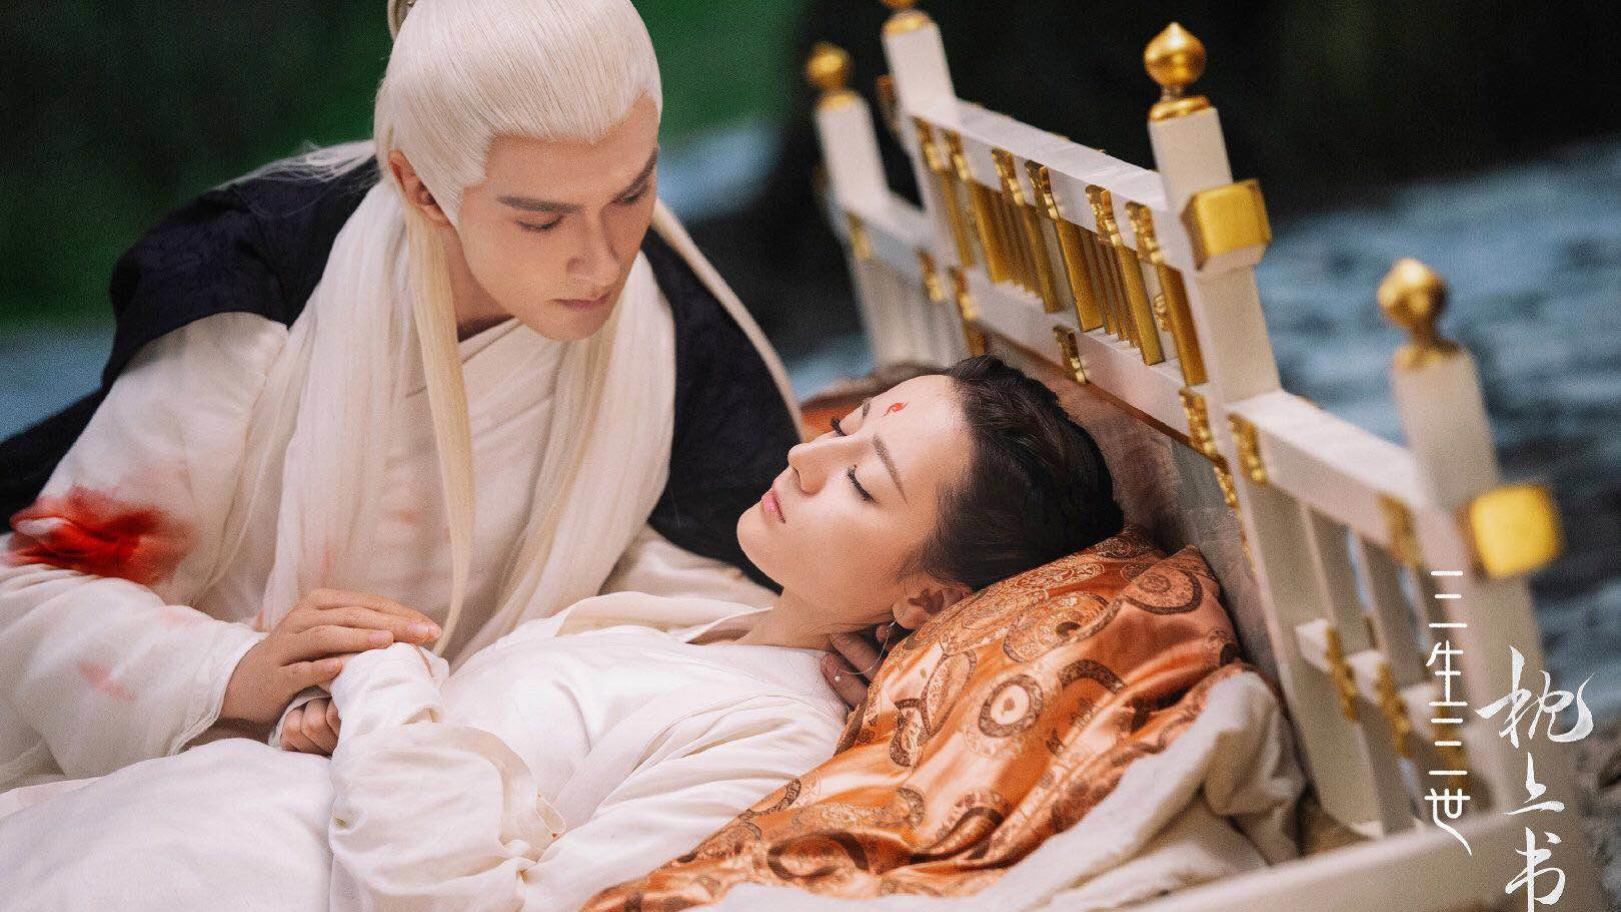 《三生三世枕上书》又一部让泰国粉丝们疯狂的剧